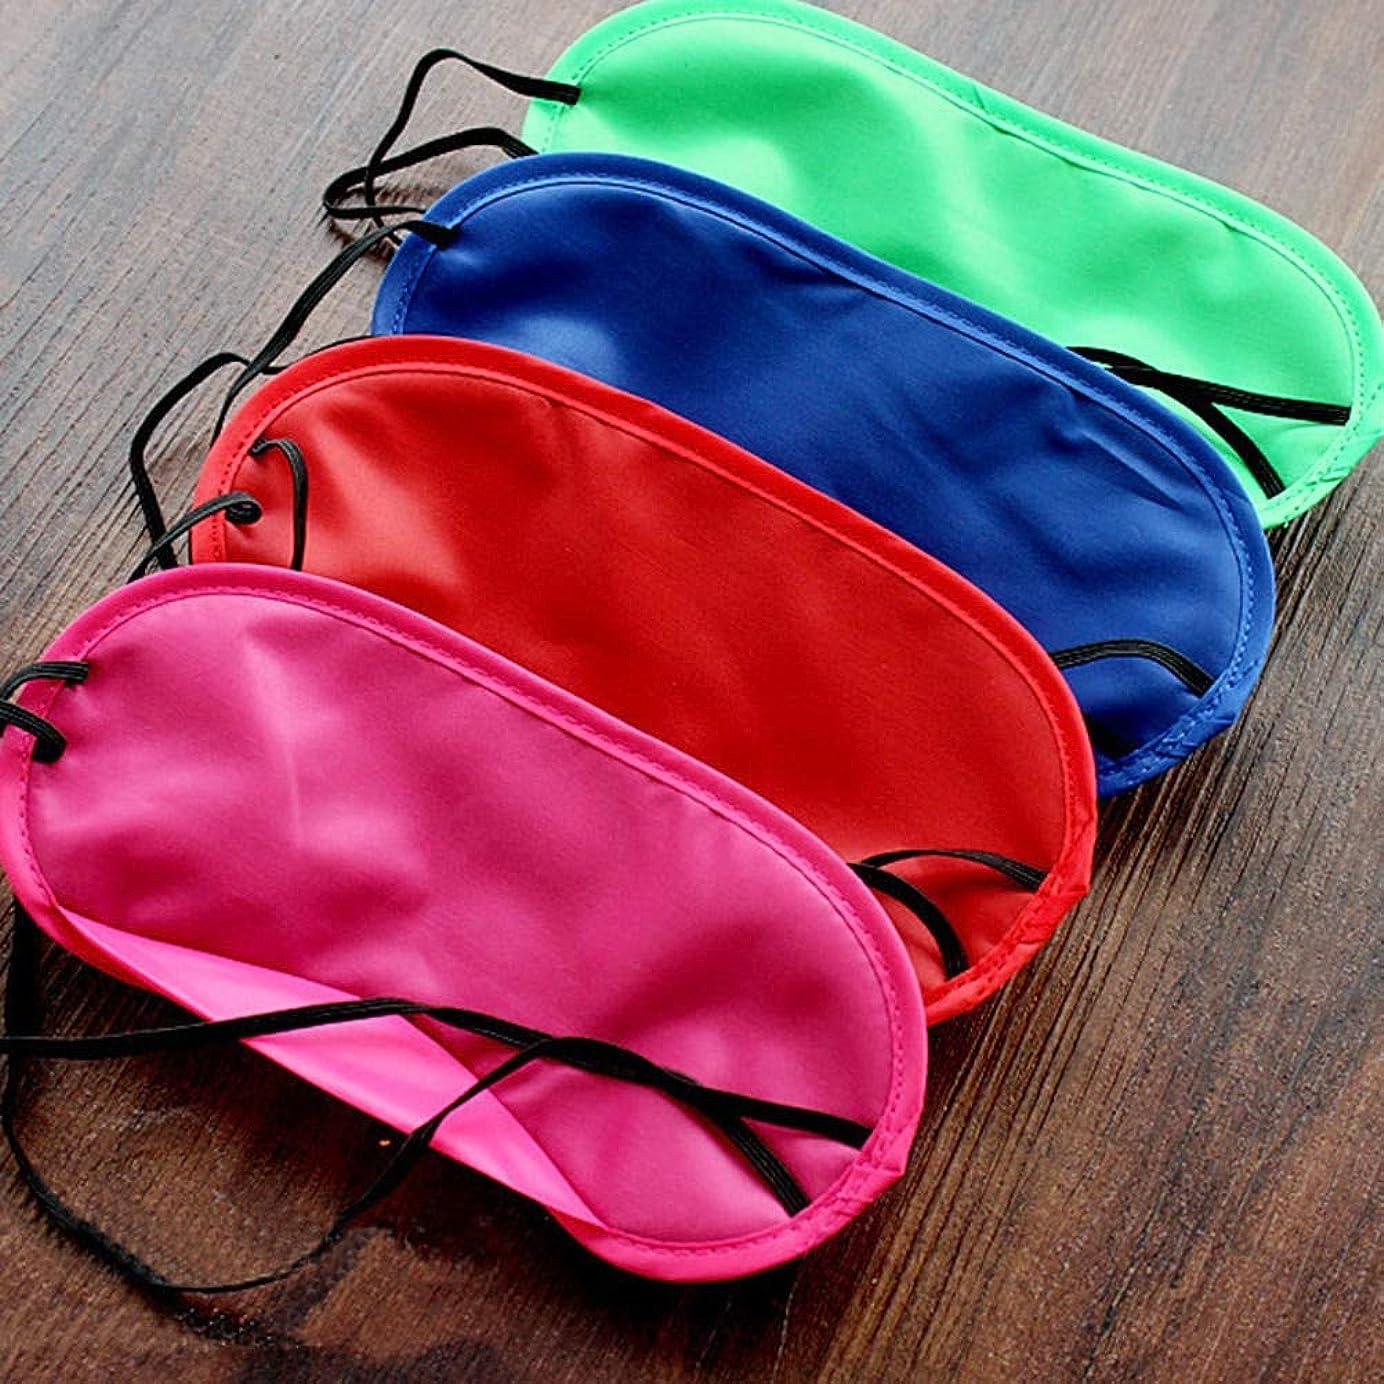 解く面驚きNOTE 12ピース多色アイマスクカバー軽量アイシェード目隠し睡眠マスク弾性ストラップ用キッズ女性男性